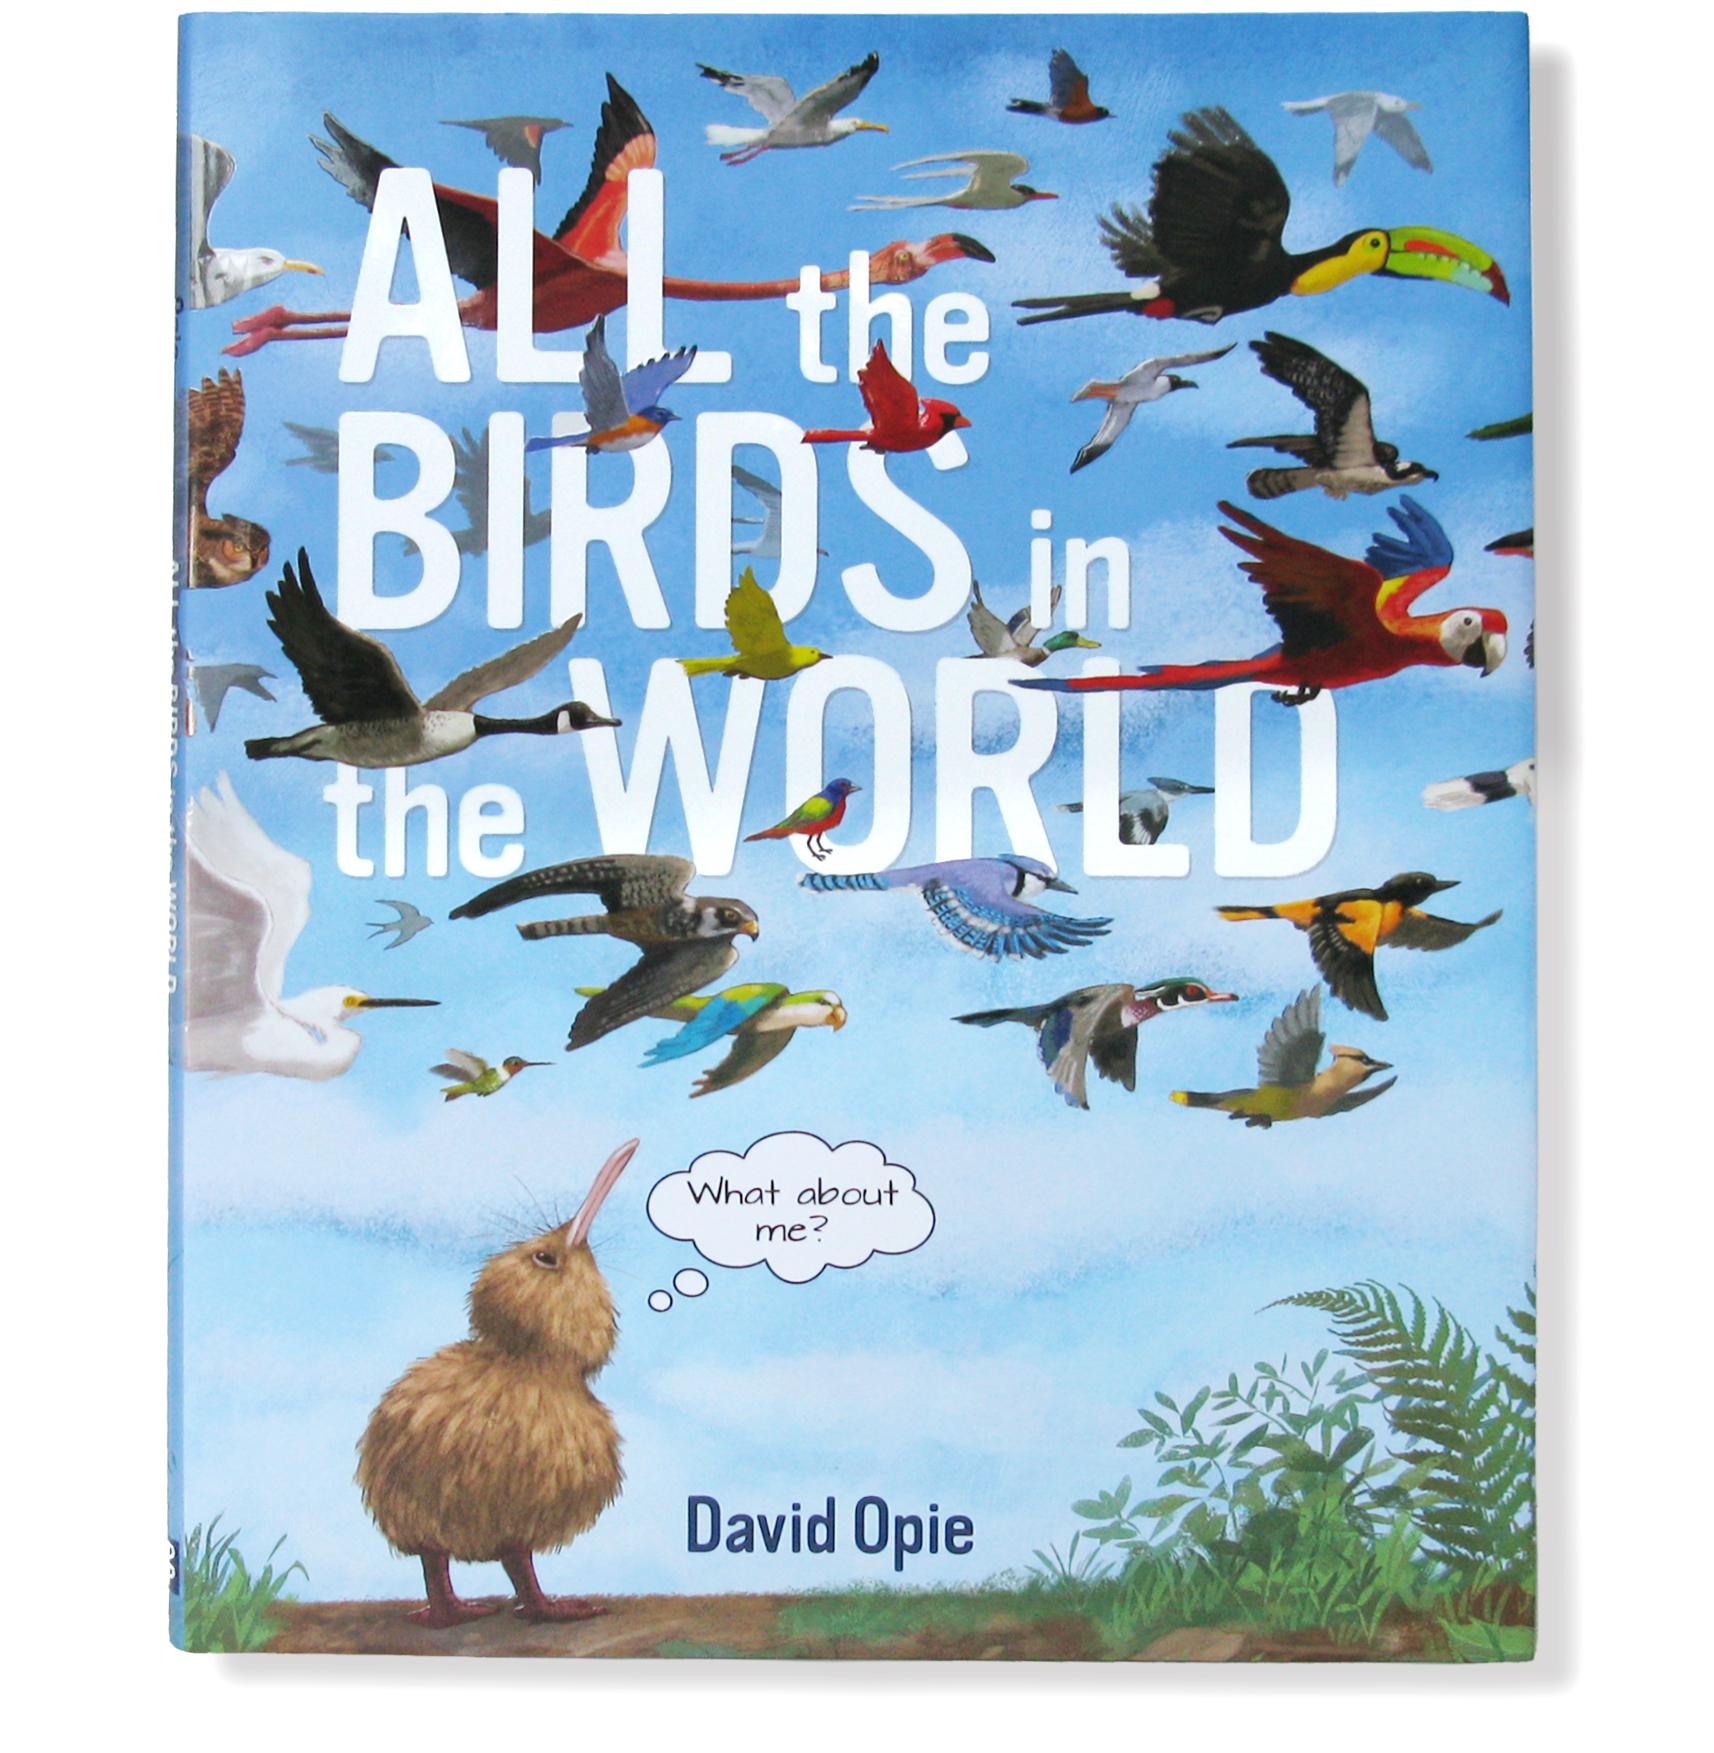 birds_book_cover